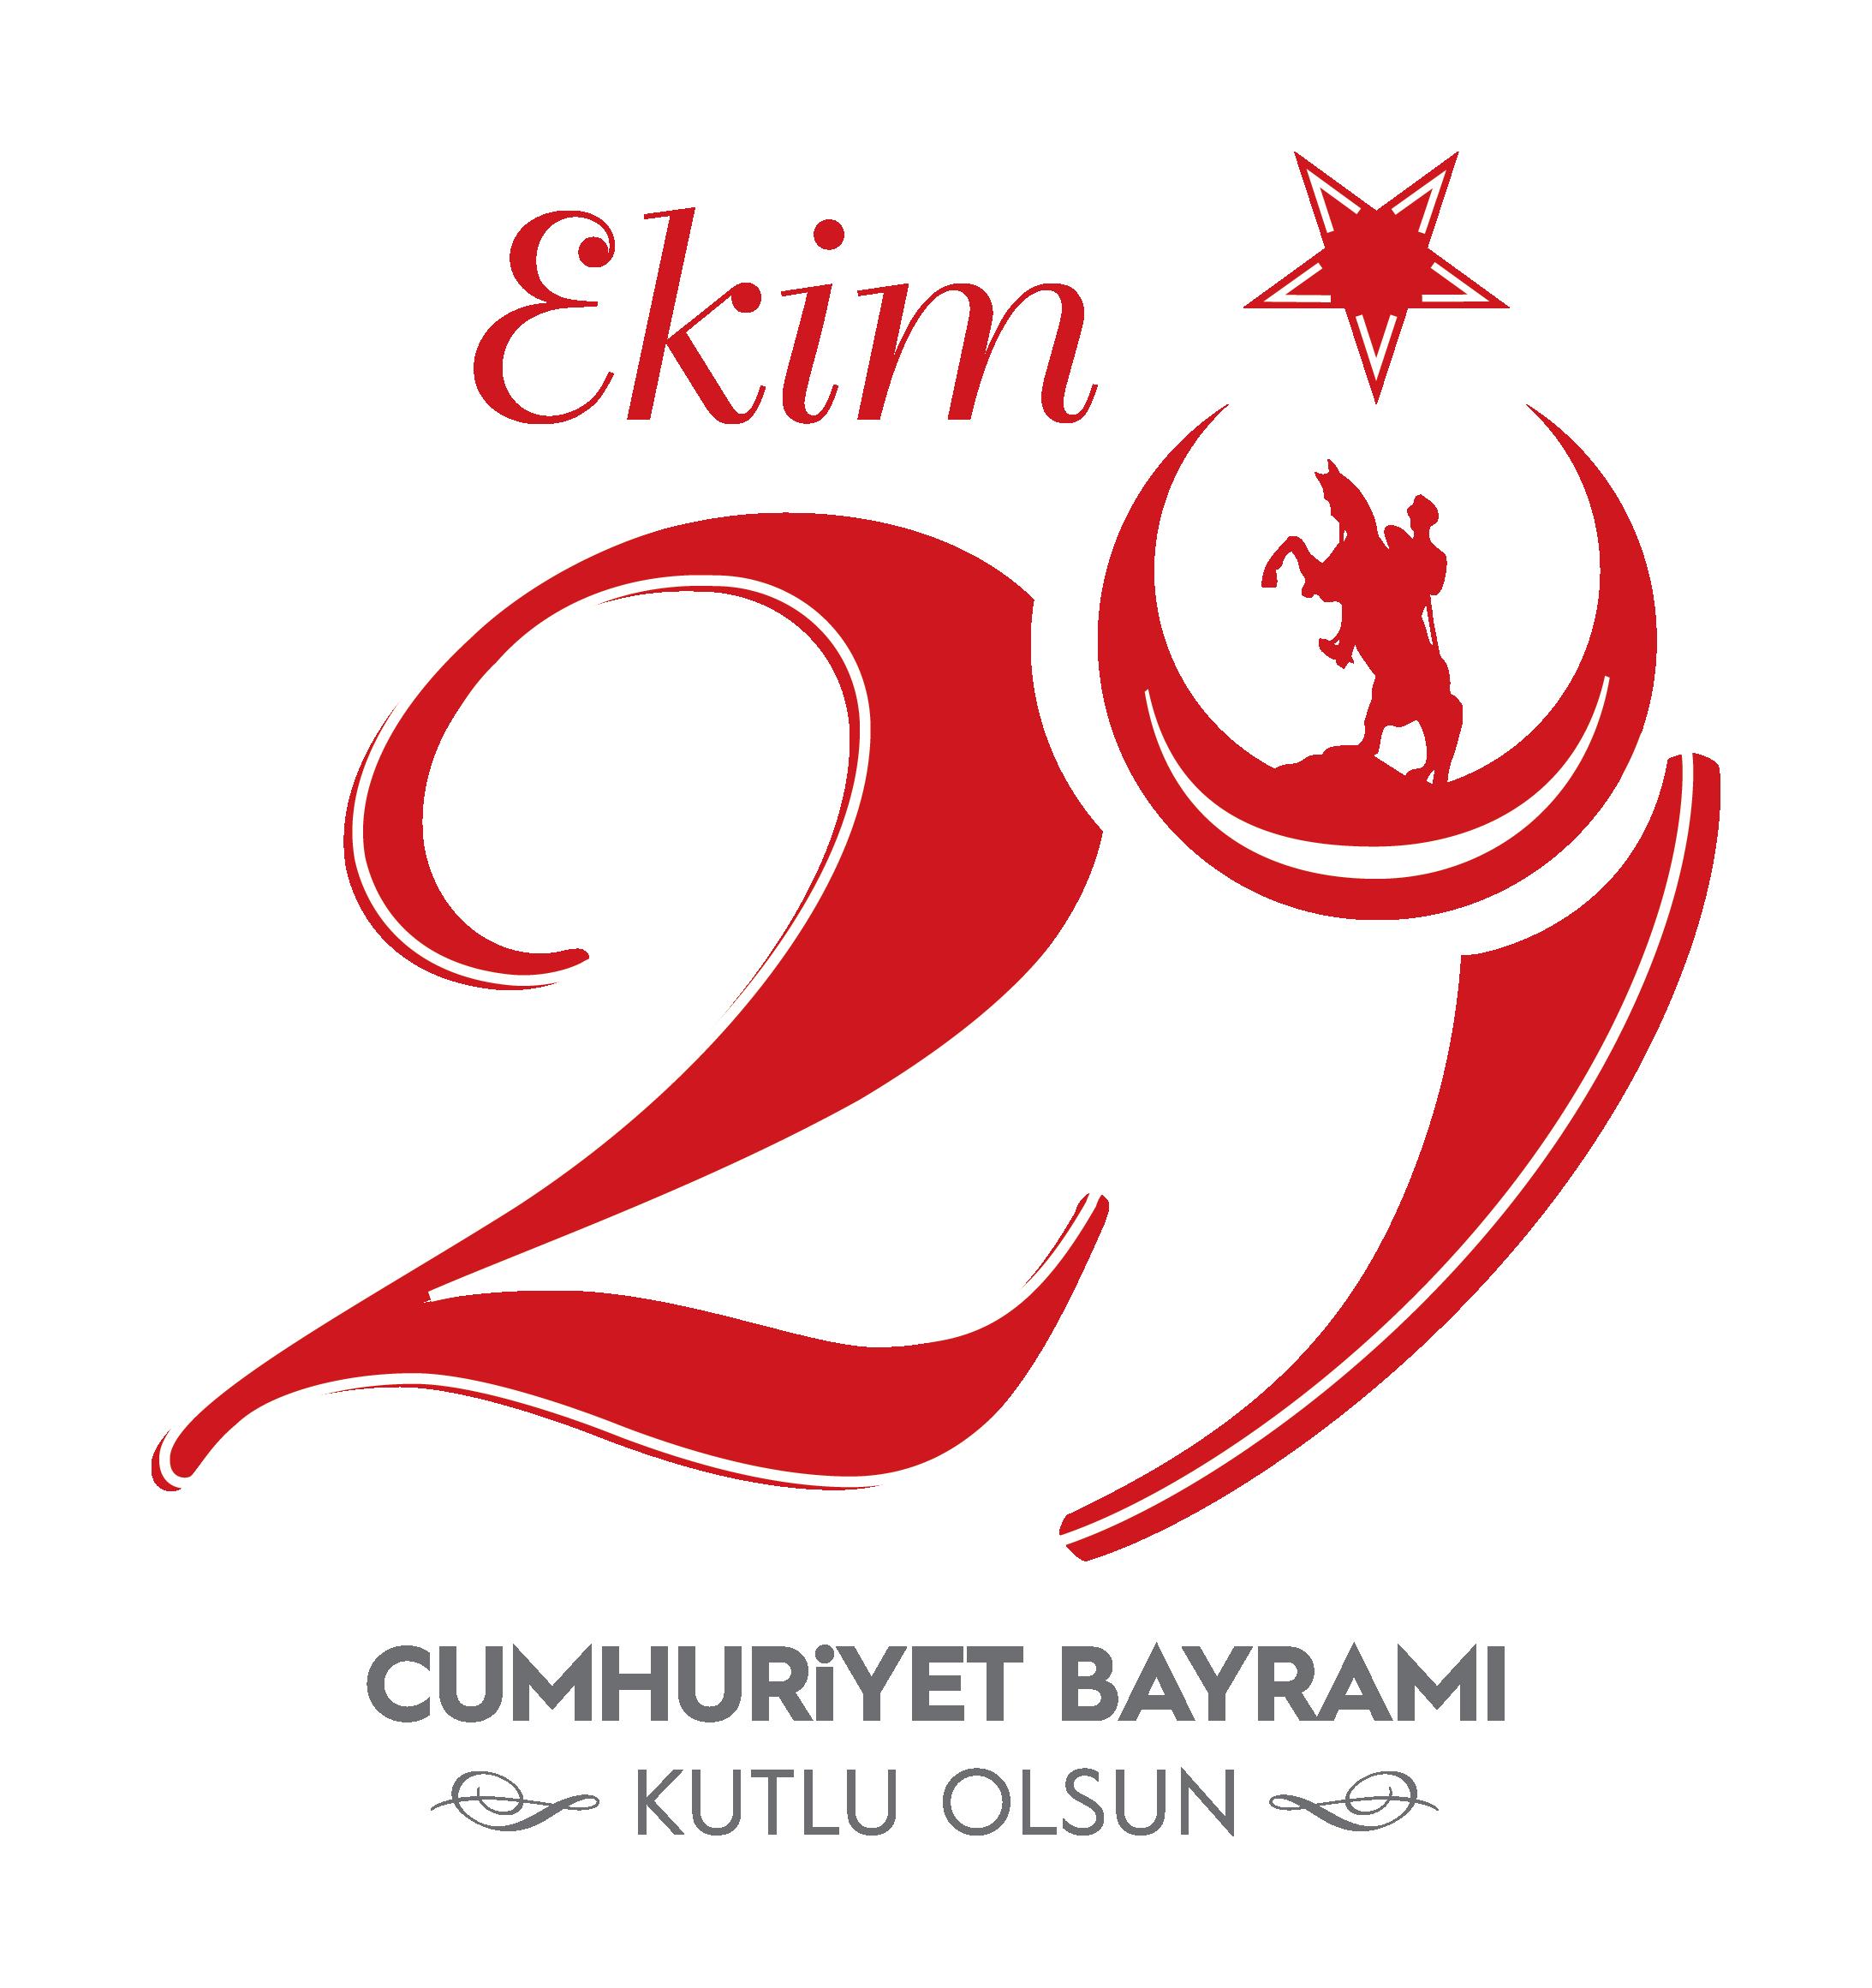 Ergun Yuksel Adli Kullanicinin Ataturk Panosundaki Pin Kartvizit Tasarimi Ekim Mesajlar